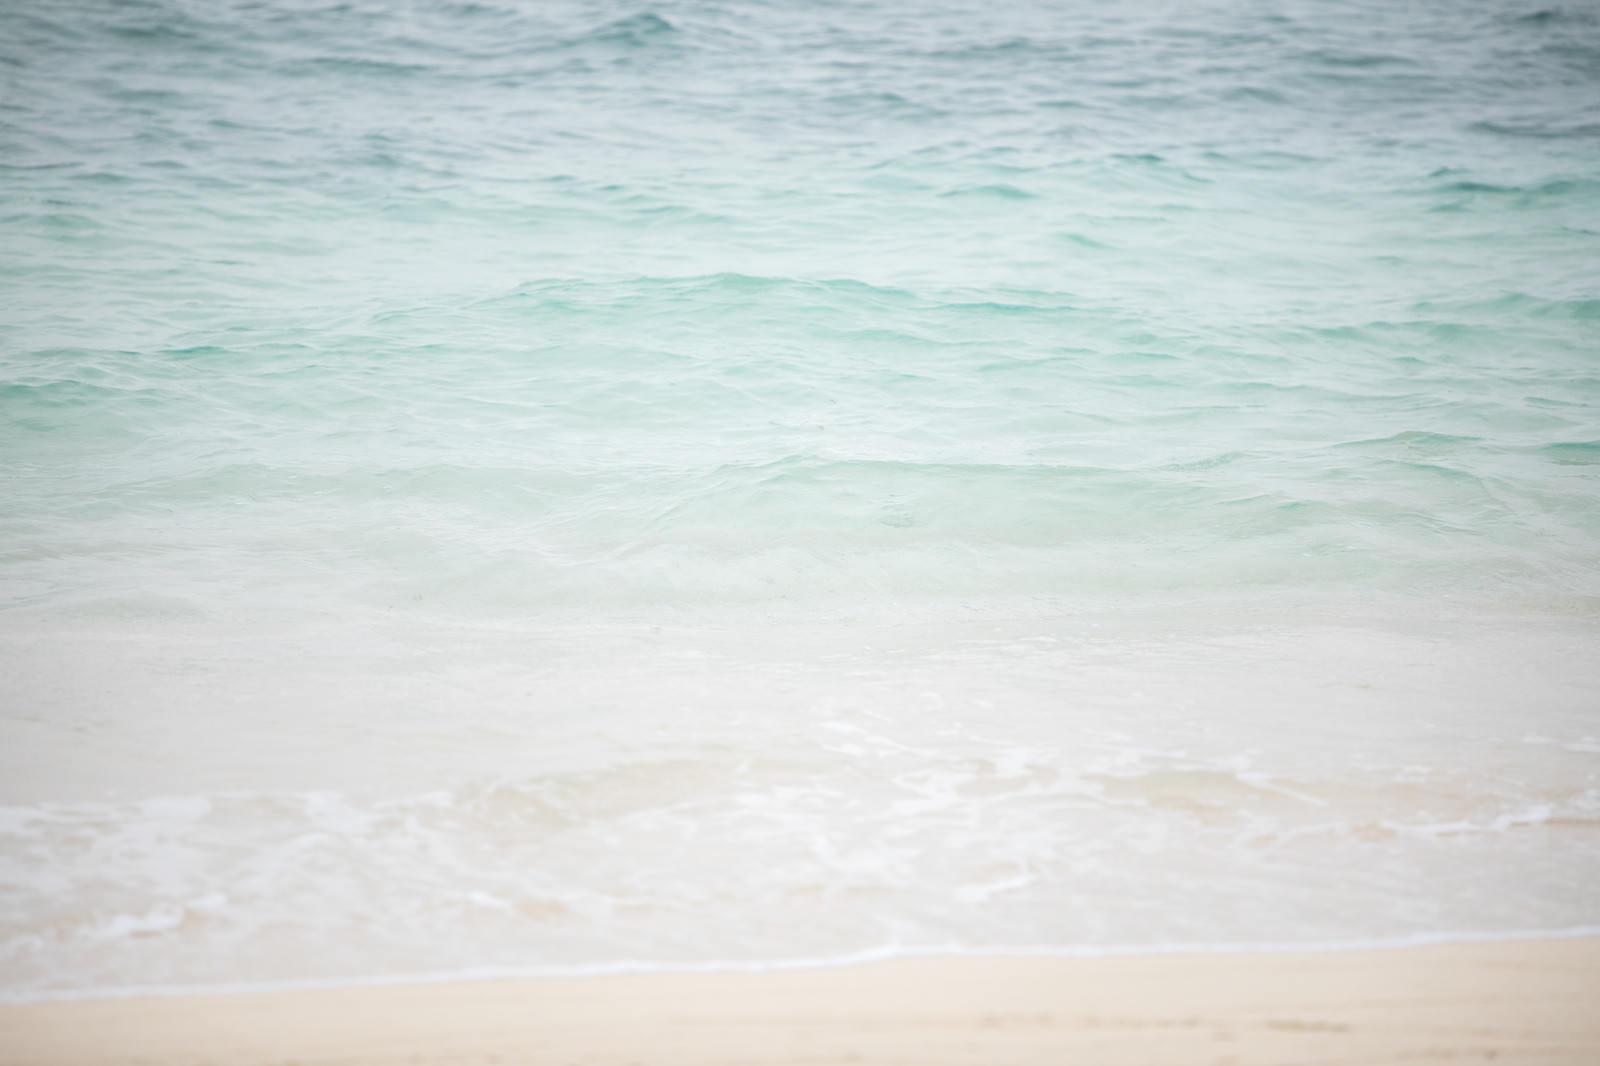 「波打ち際(宮古島の海)」の写真